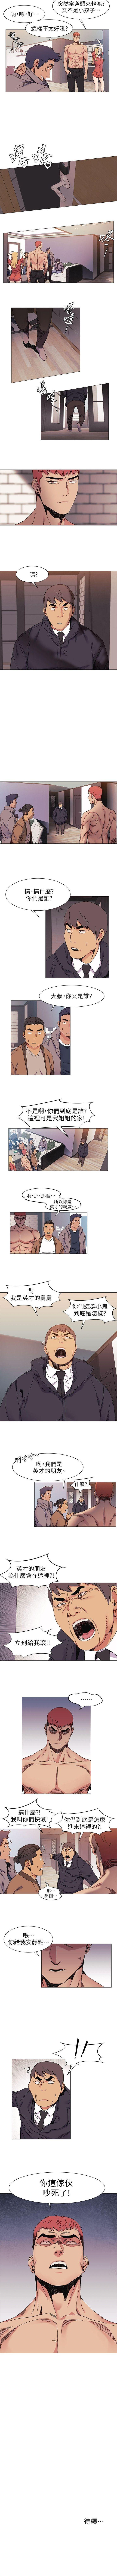 (週5)衝突 1-94 中文翻譯 (更新中) 142